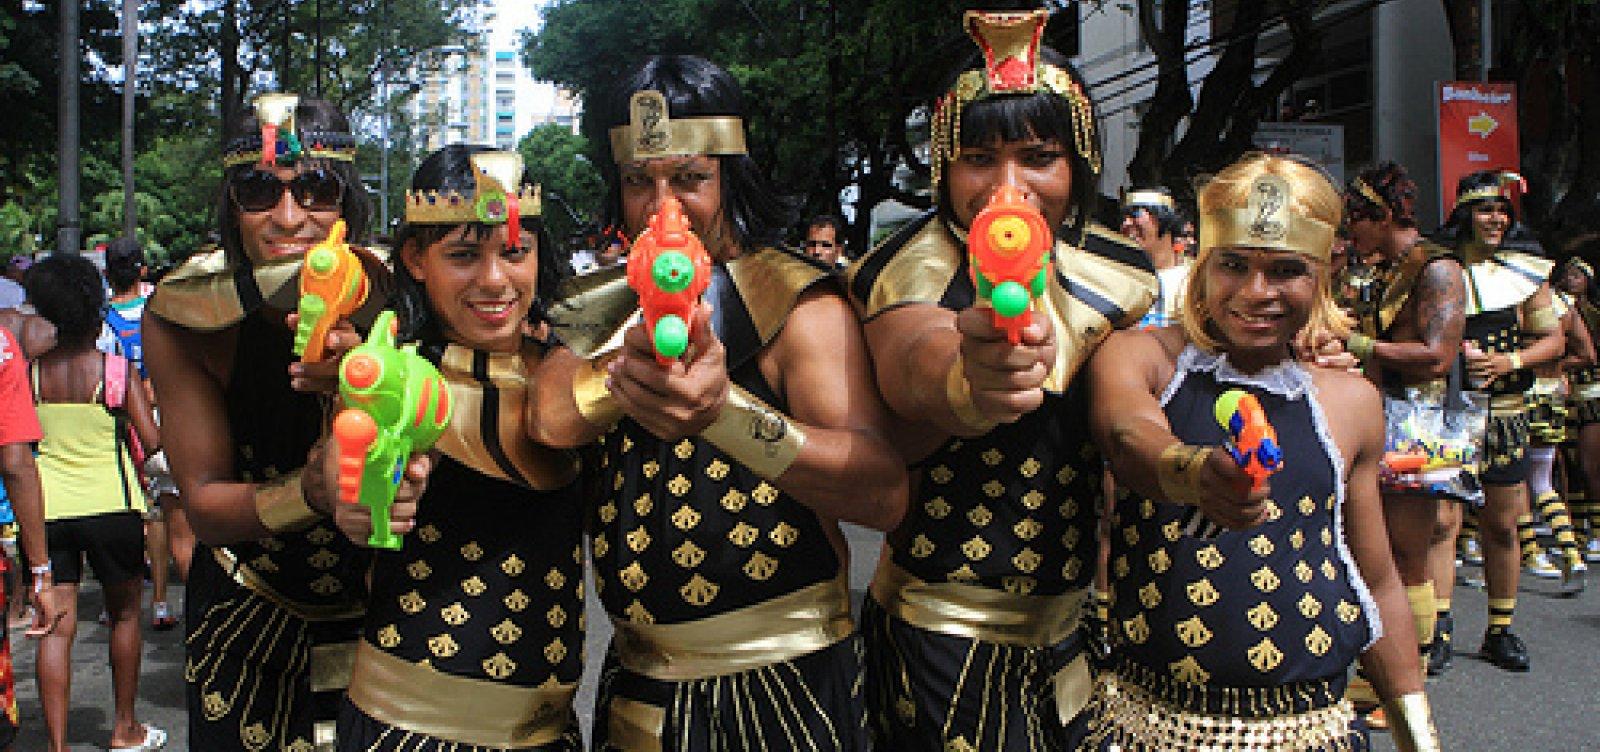 [Após polêmica com 'As Muquiranas', secretária diz que a venda de 'pistola de água' deveria ser proibida]